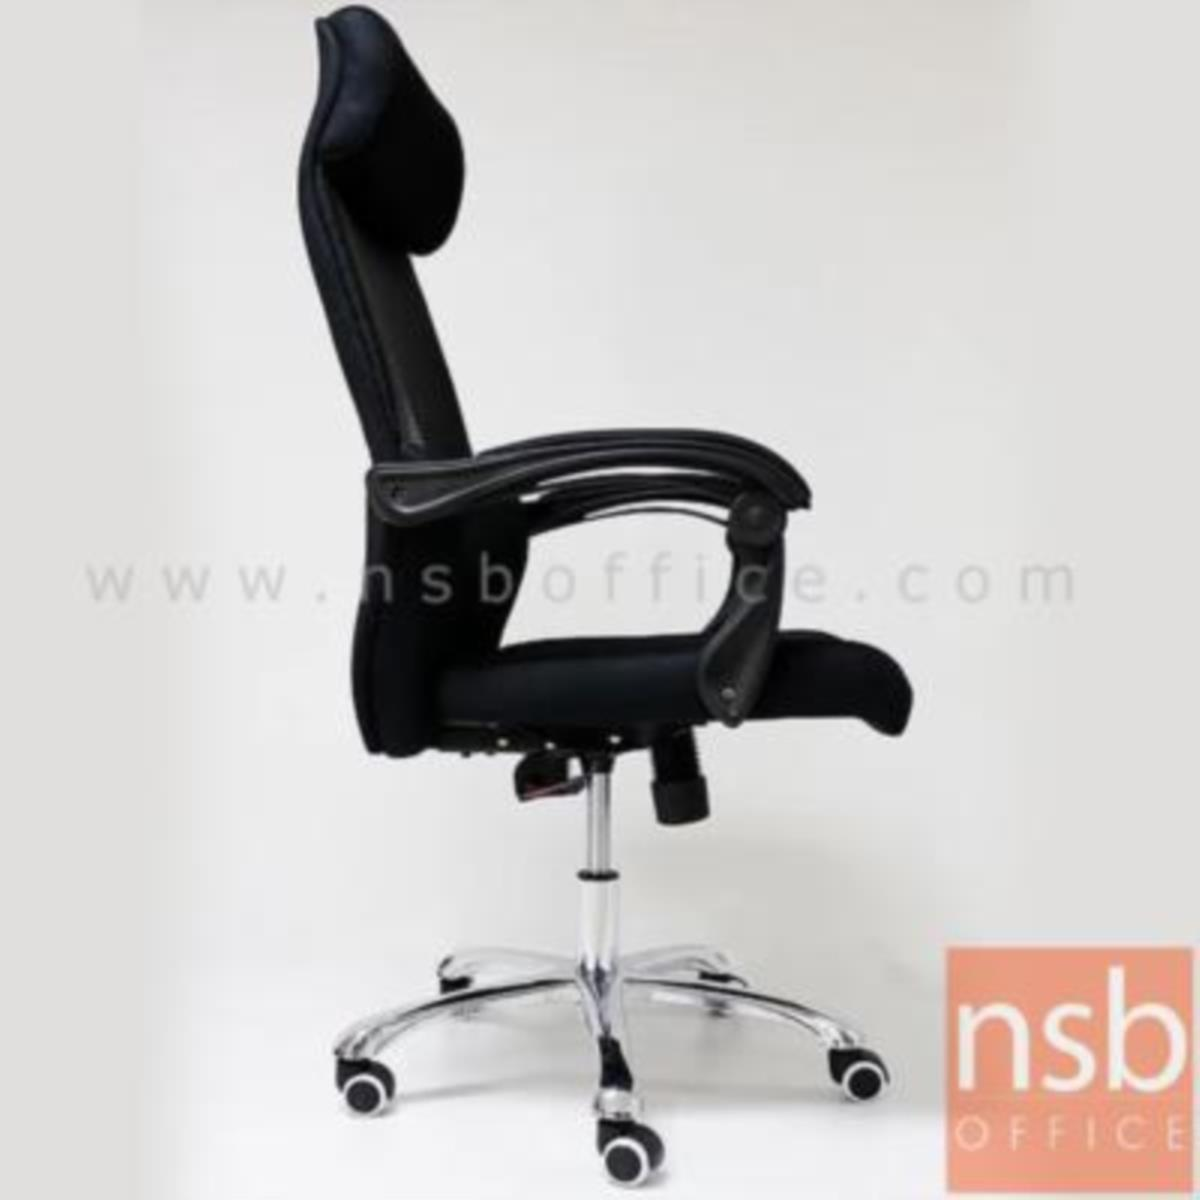 เก้าอี้ผู้บริหารหลังเน๊ต   รุ่น Badgley (แบดจ์ลีย์)  โช๊คแก๊ส มีก้อนโยก ขาเหล็กชุบโครเมี่ยม